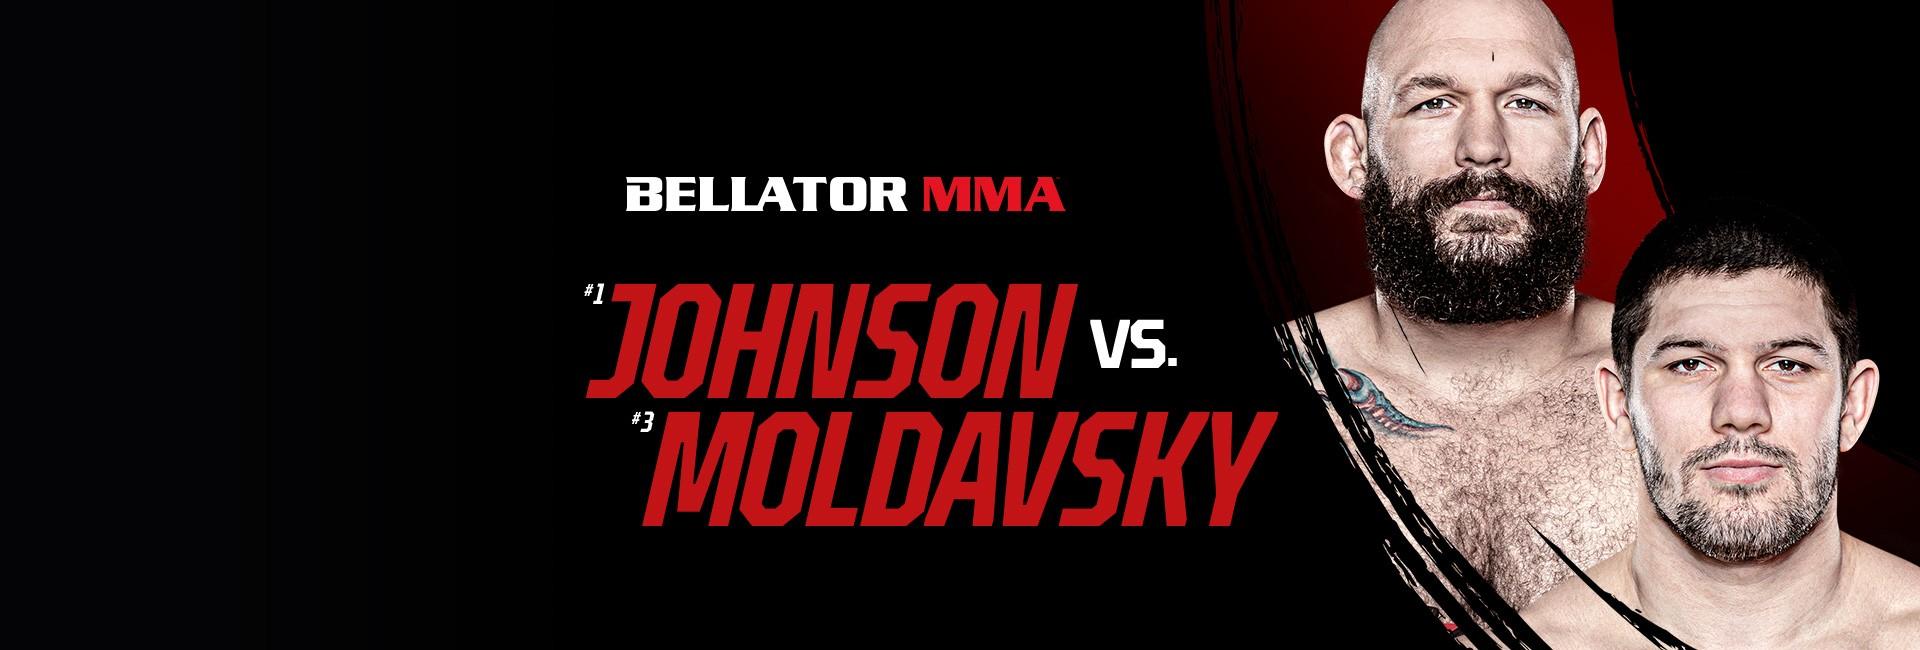 Bellator 261: Johnson vs. Moldavsky 25. 6. - 23:55